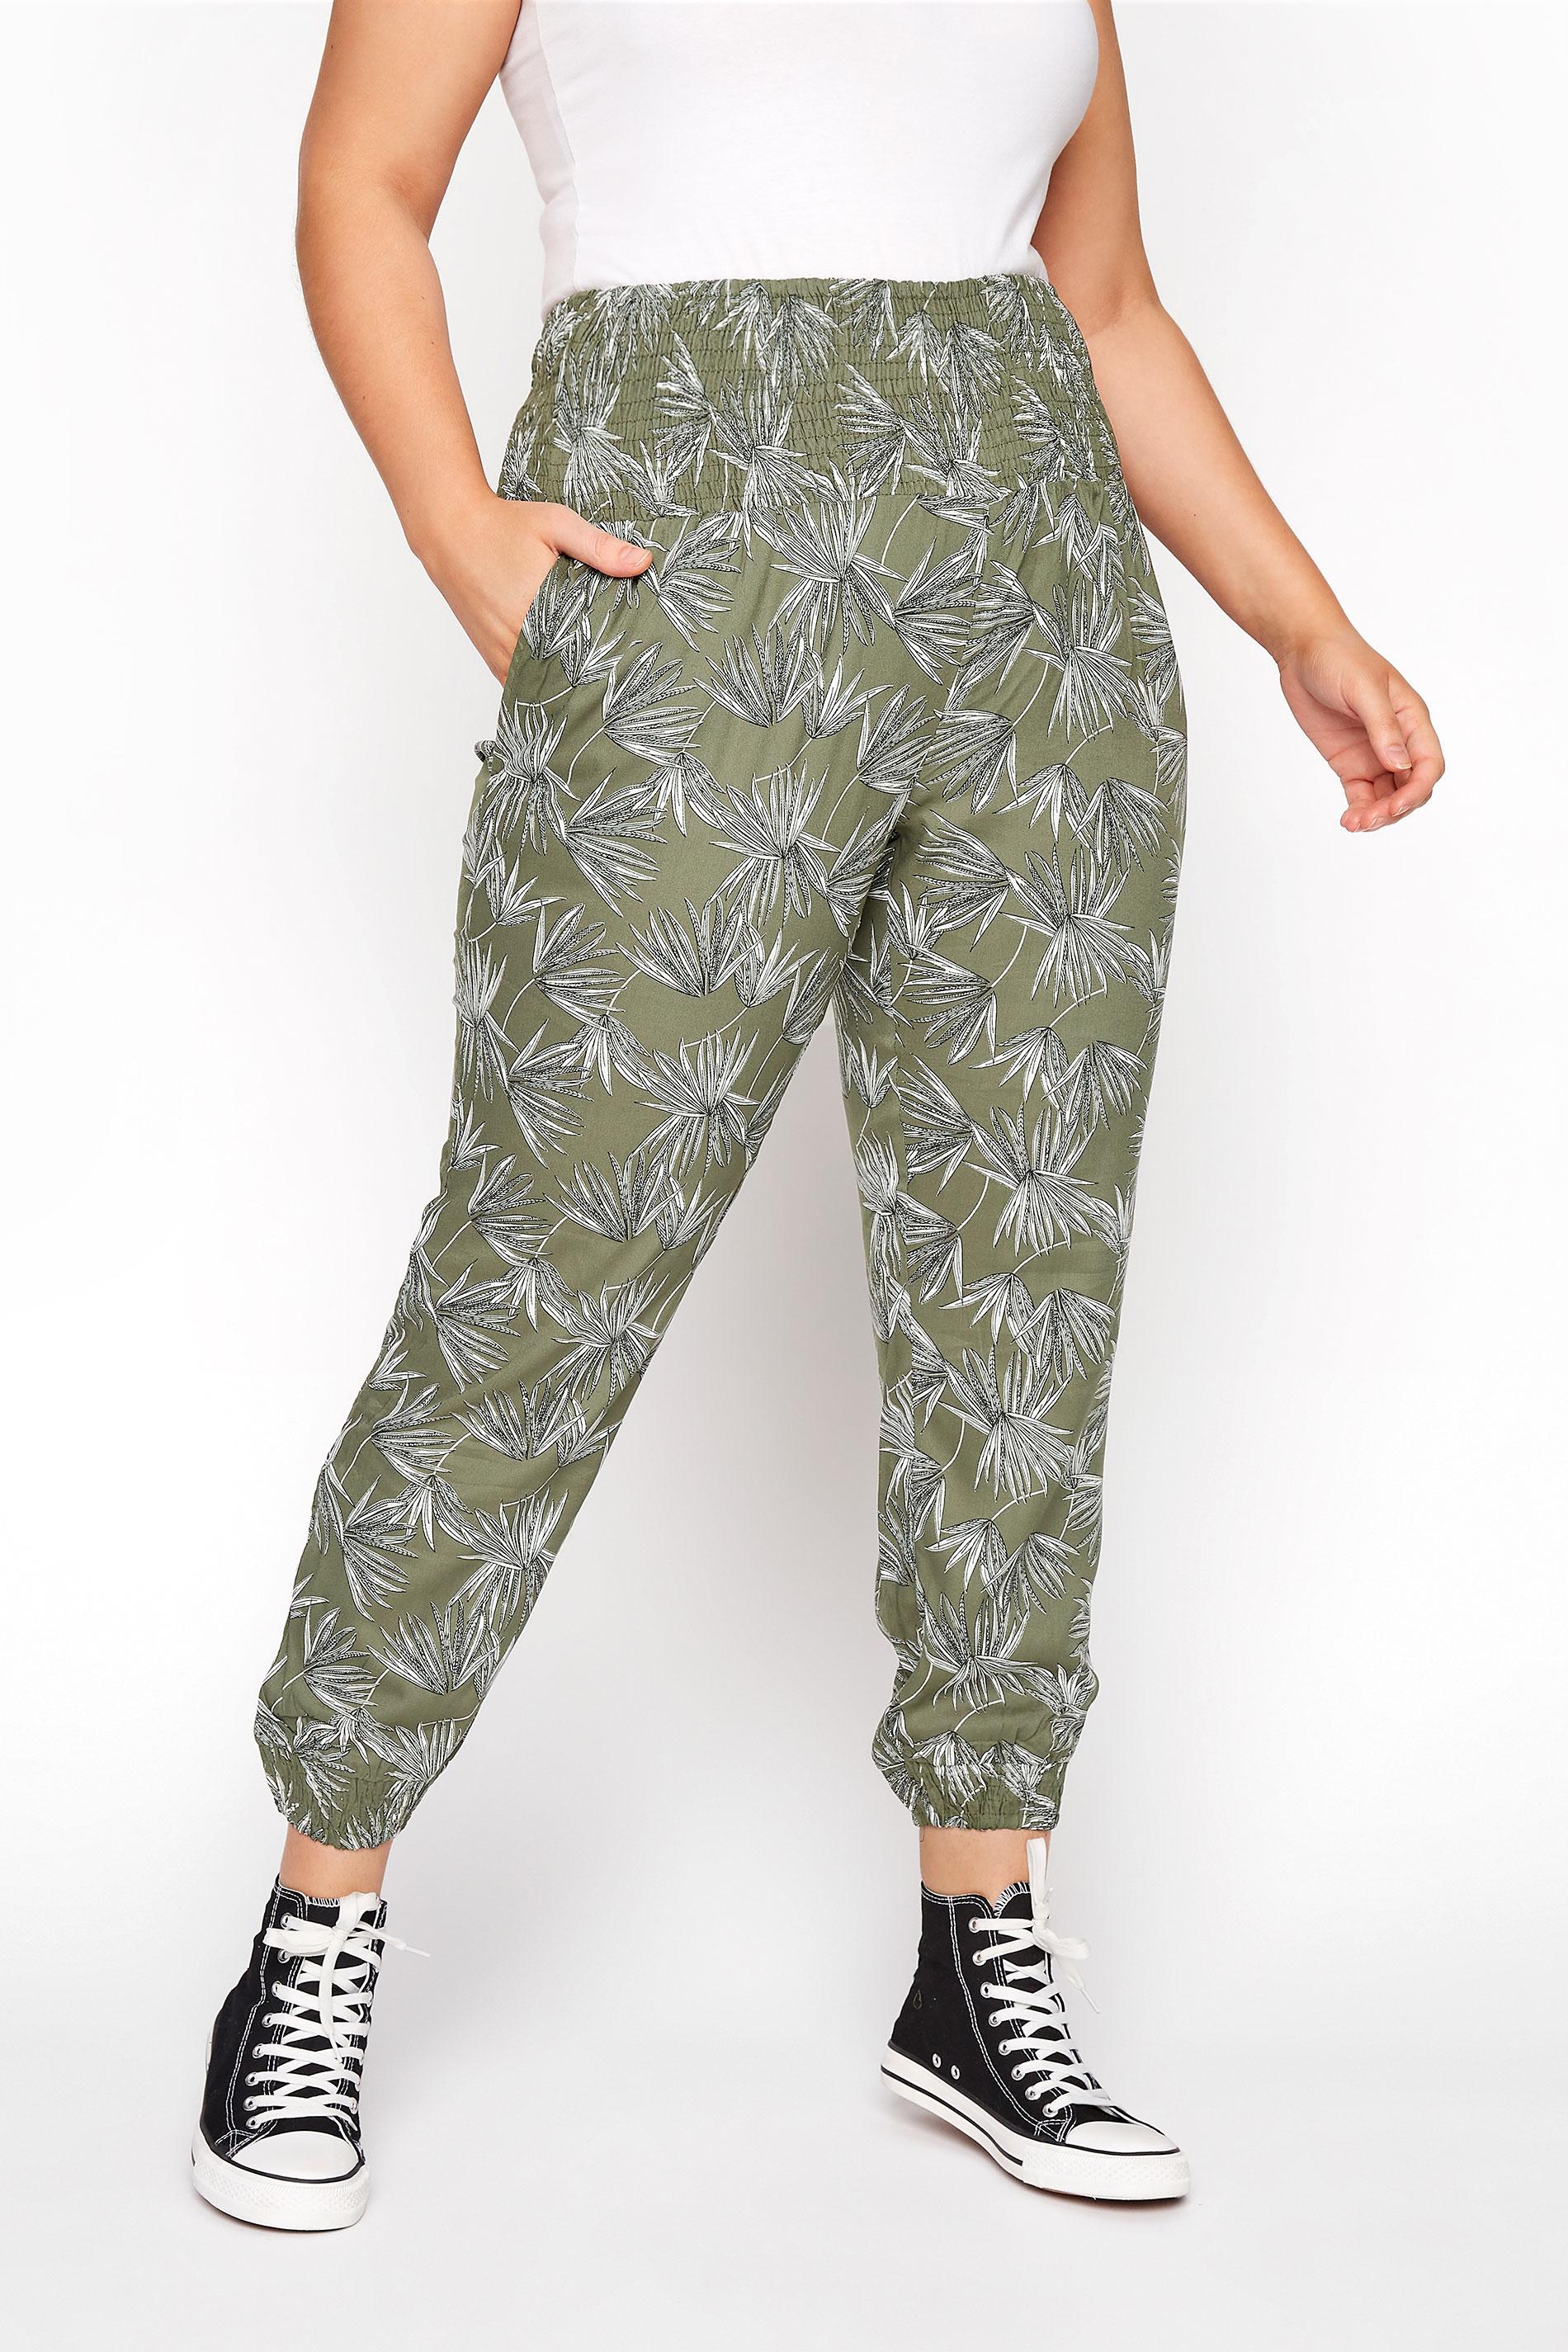 Khaki Floral Harem Trousers_B.jpg